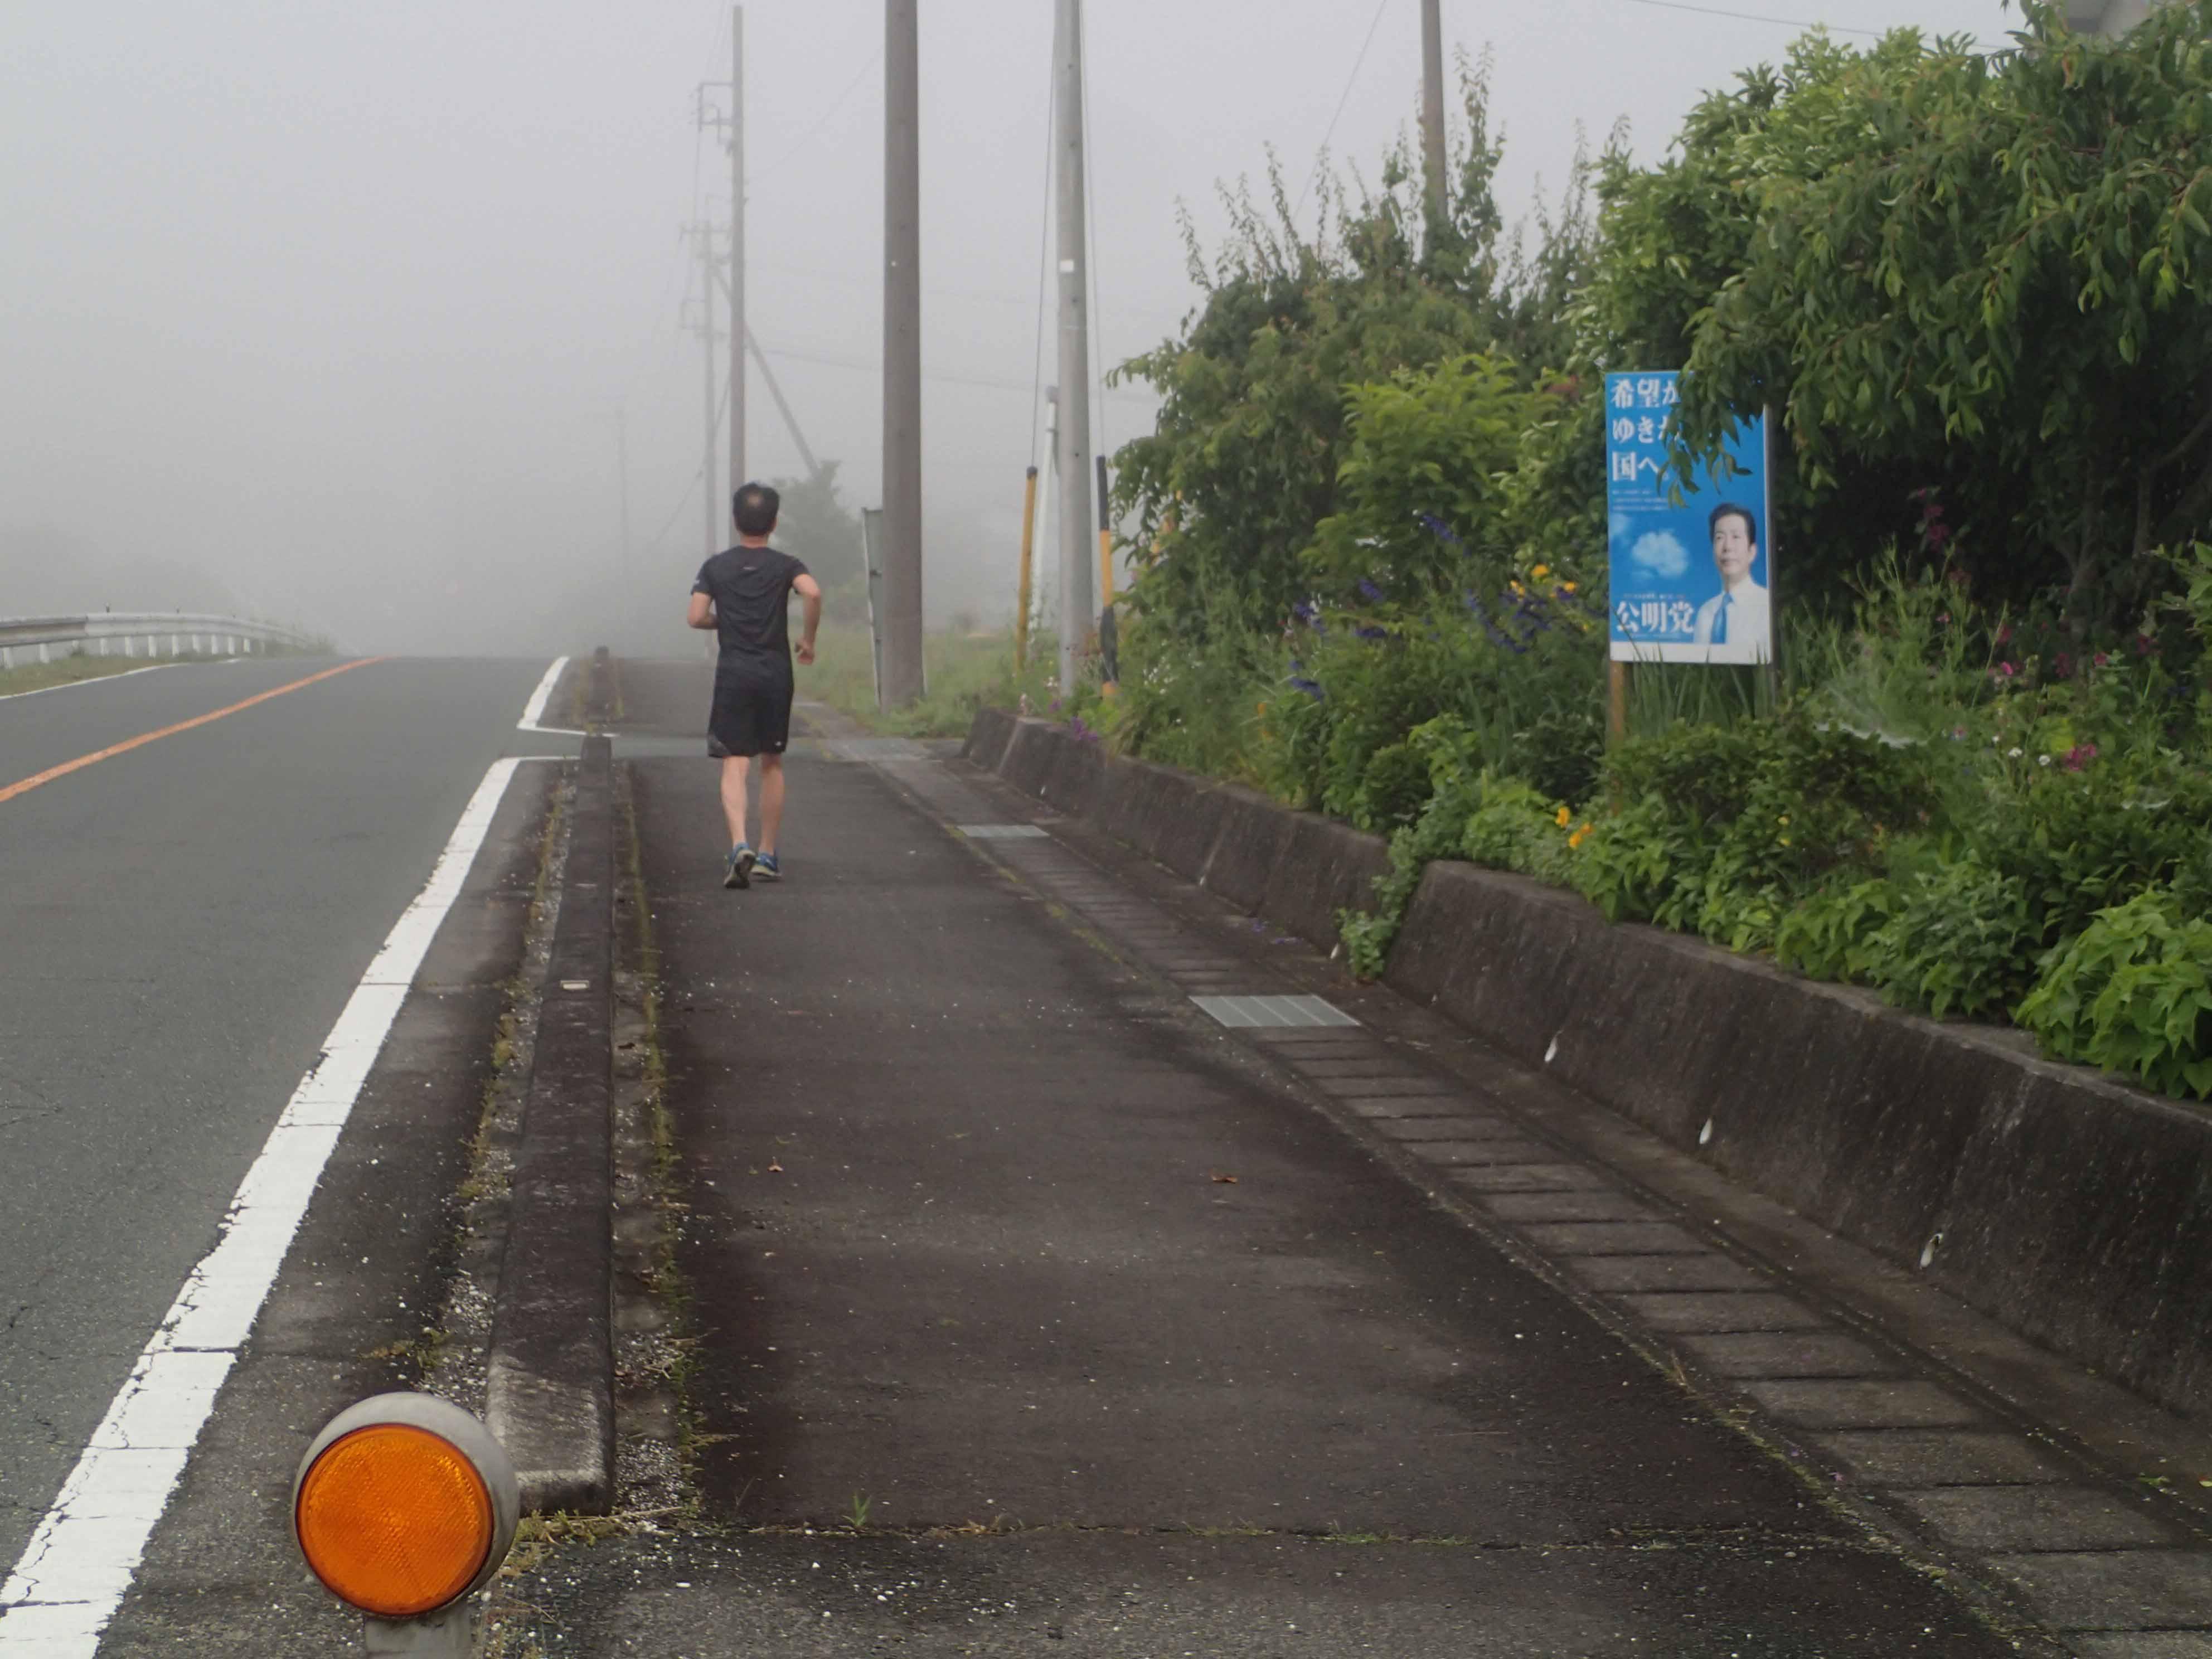 富士山見えず!_a0026295_18554715.jpg